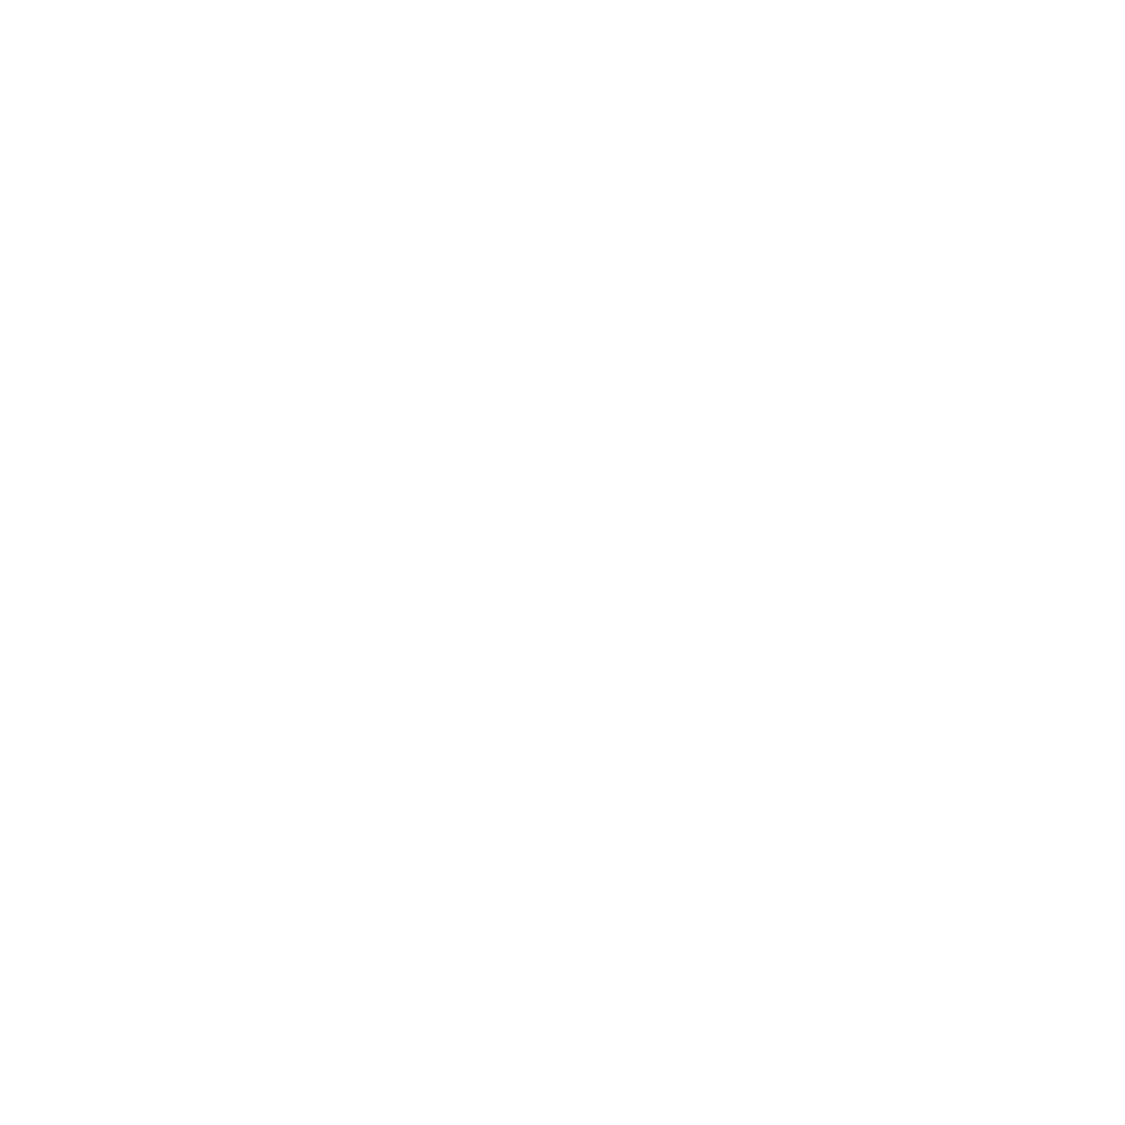 BSf Média- Online Marketing tanácsadás és kivitelezés